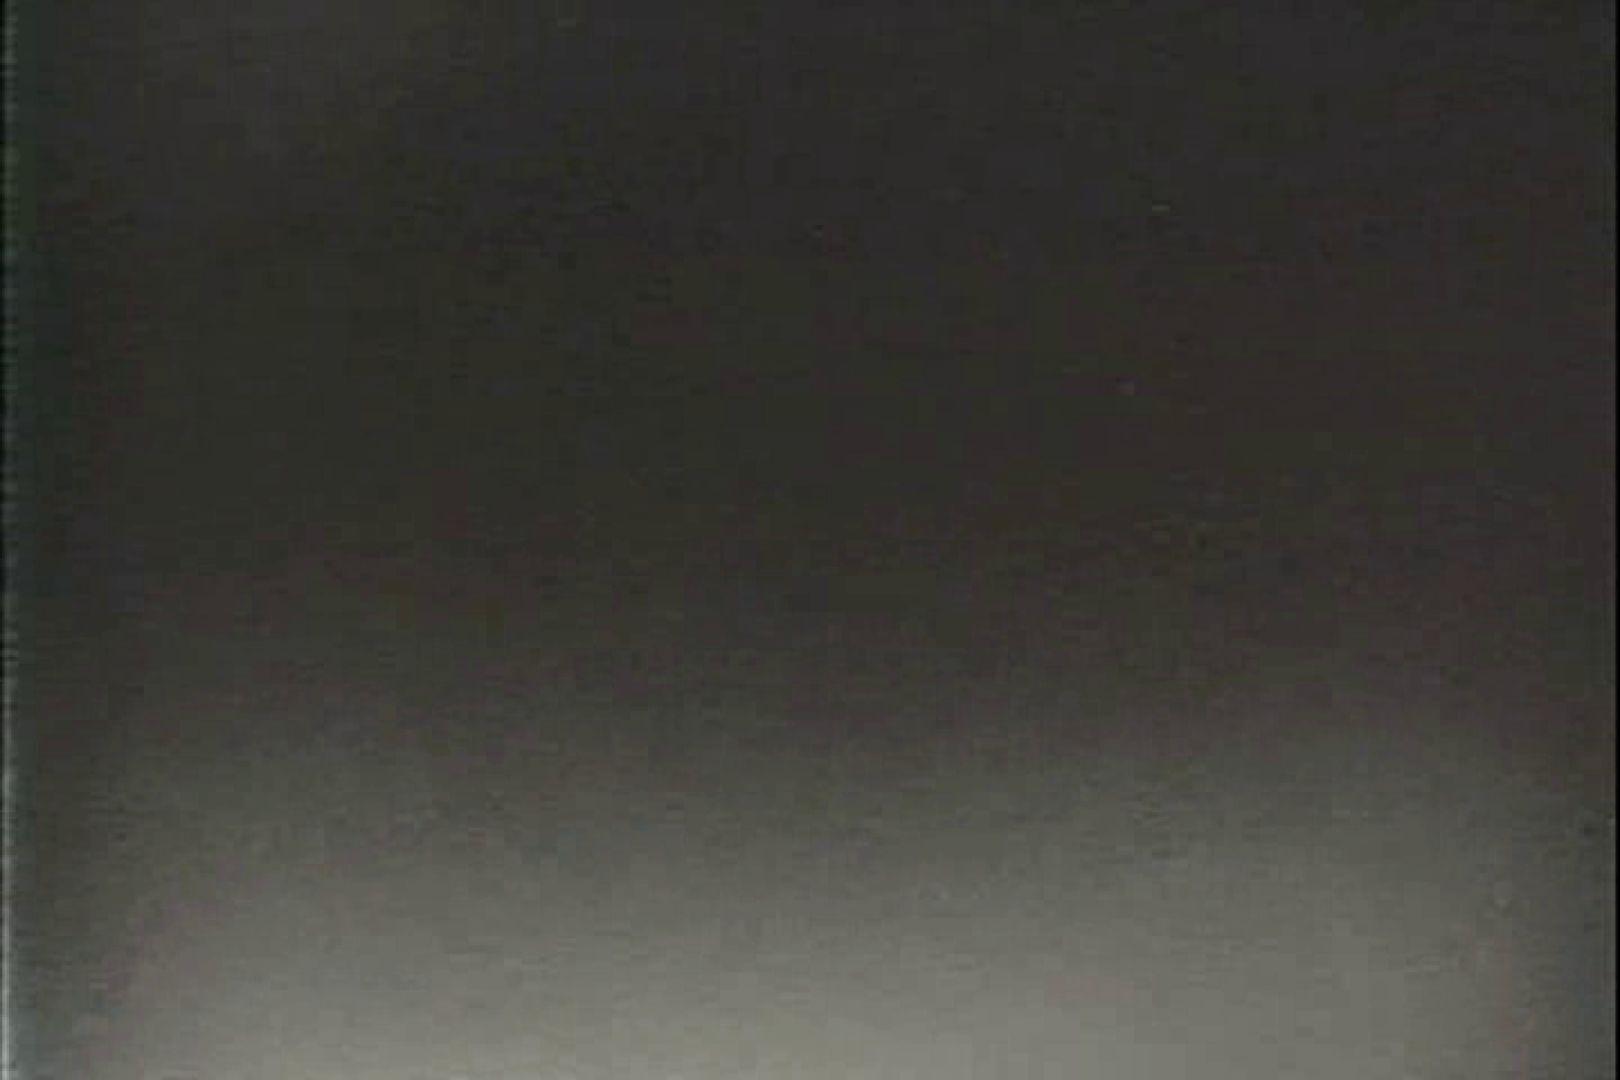 「ちくりん」さんのオリジナル未編集パンチラVol.4_02  98枚